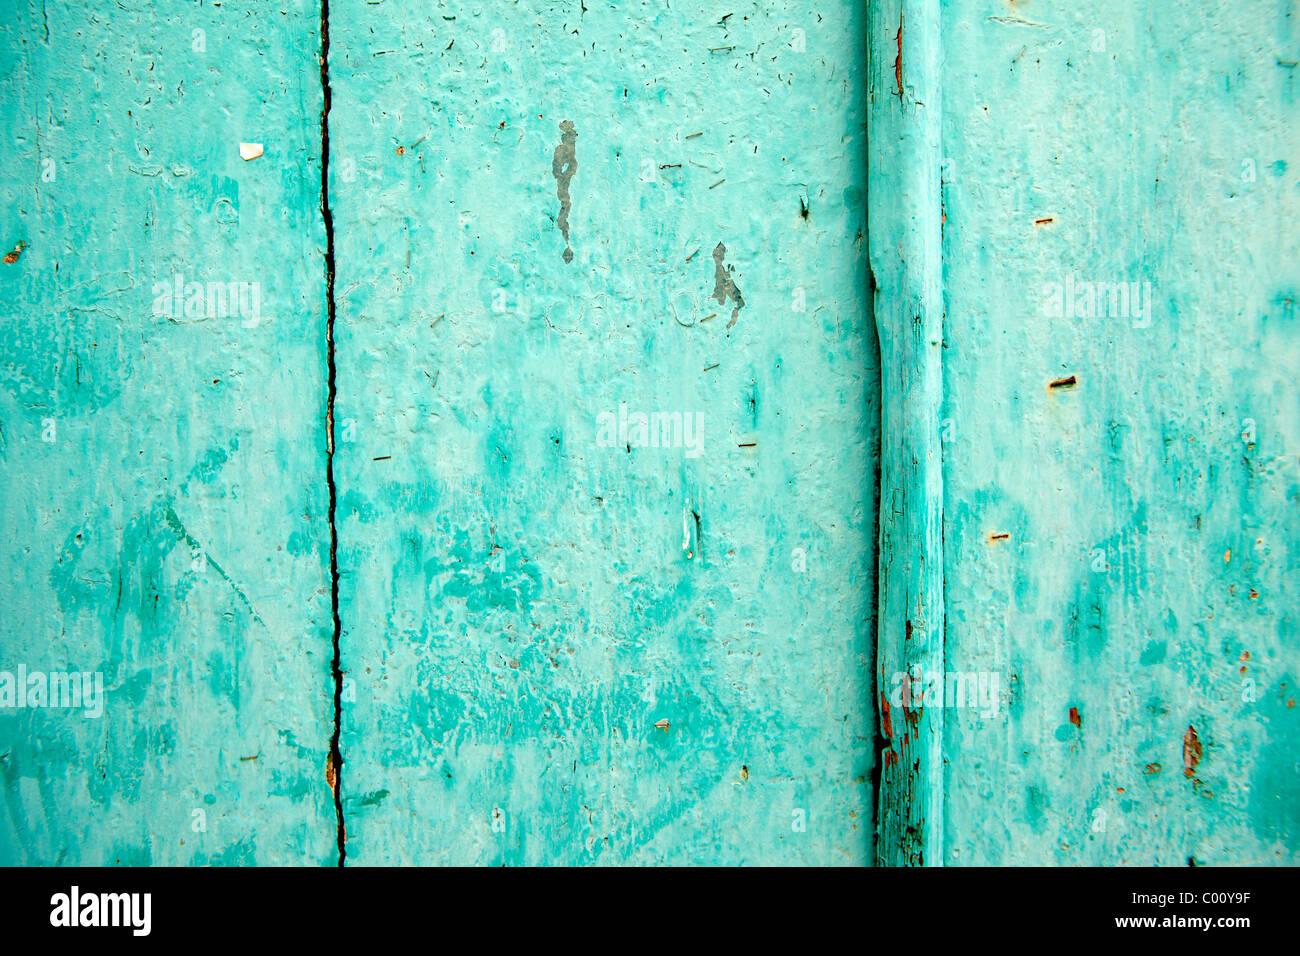 Türkis lackierte Tür Stockbild